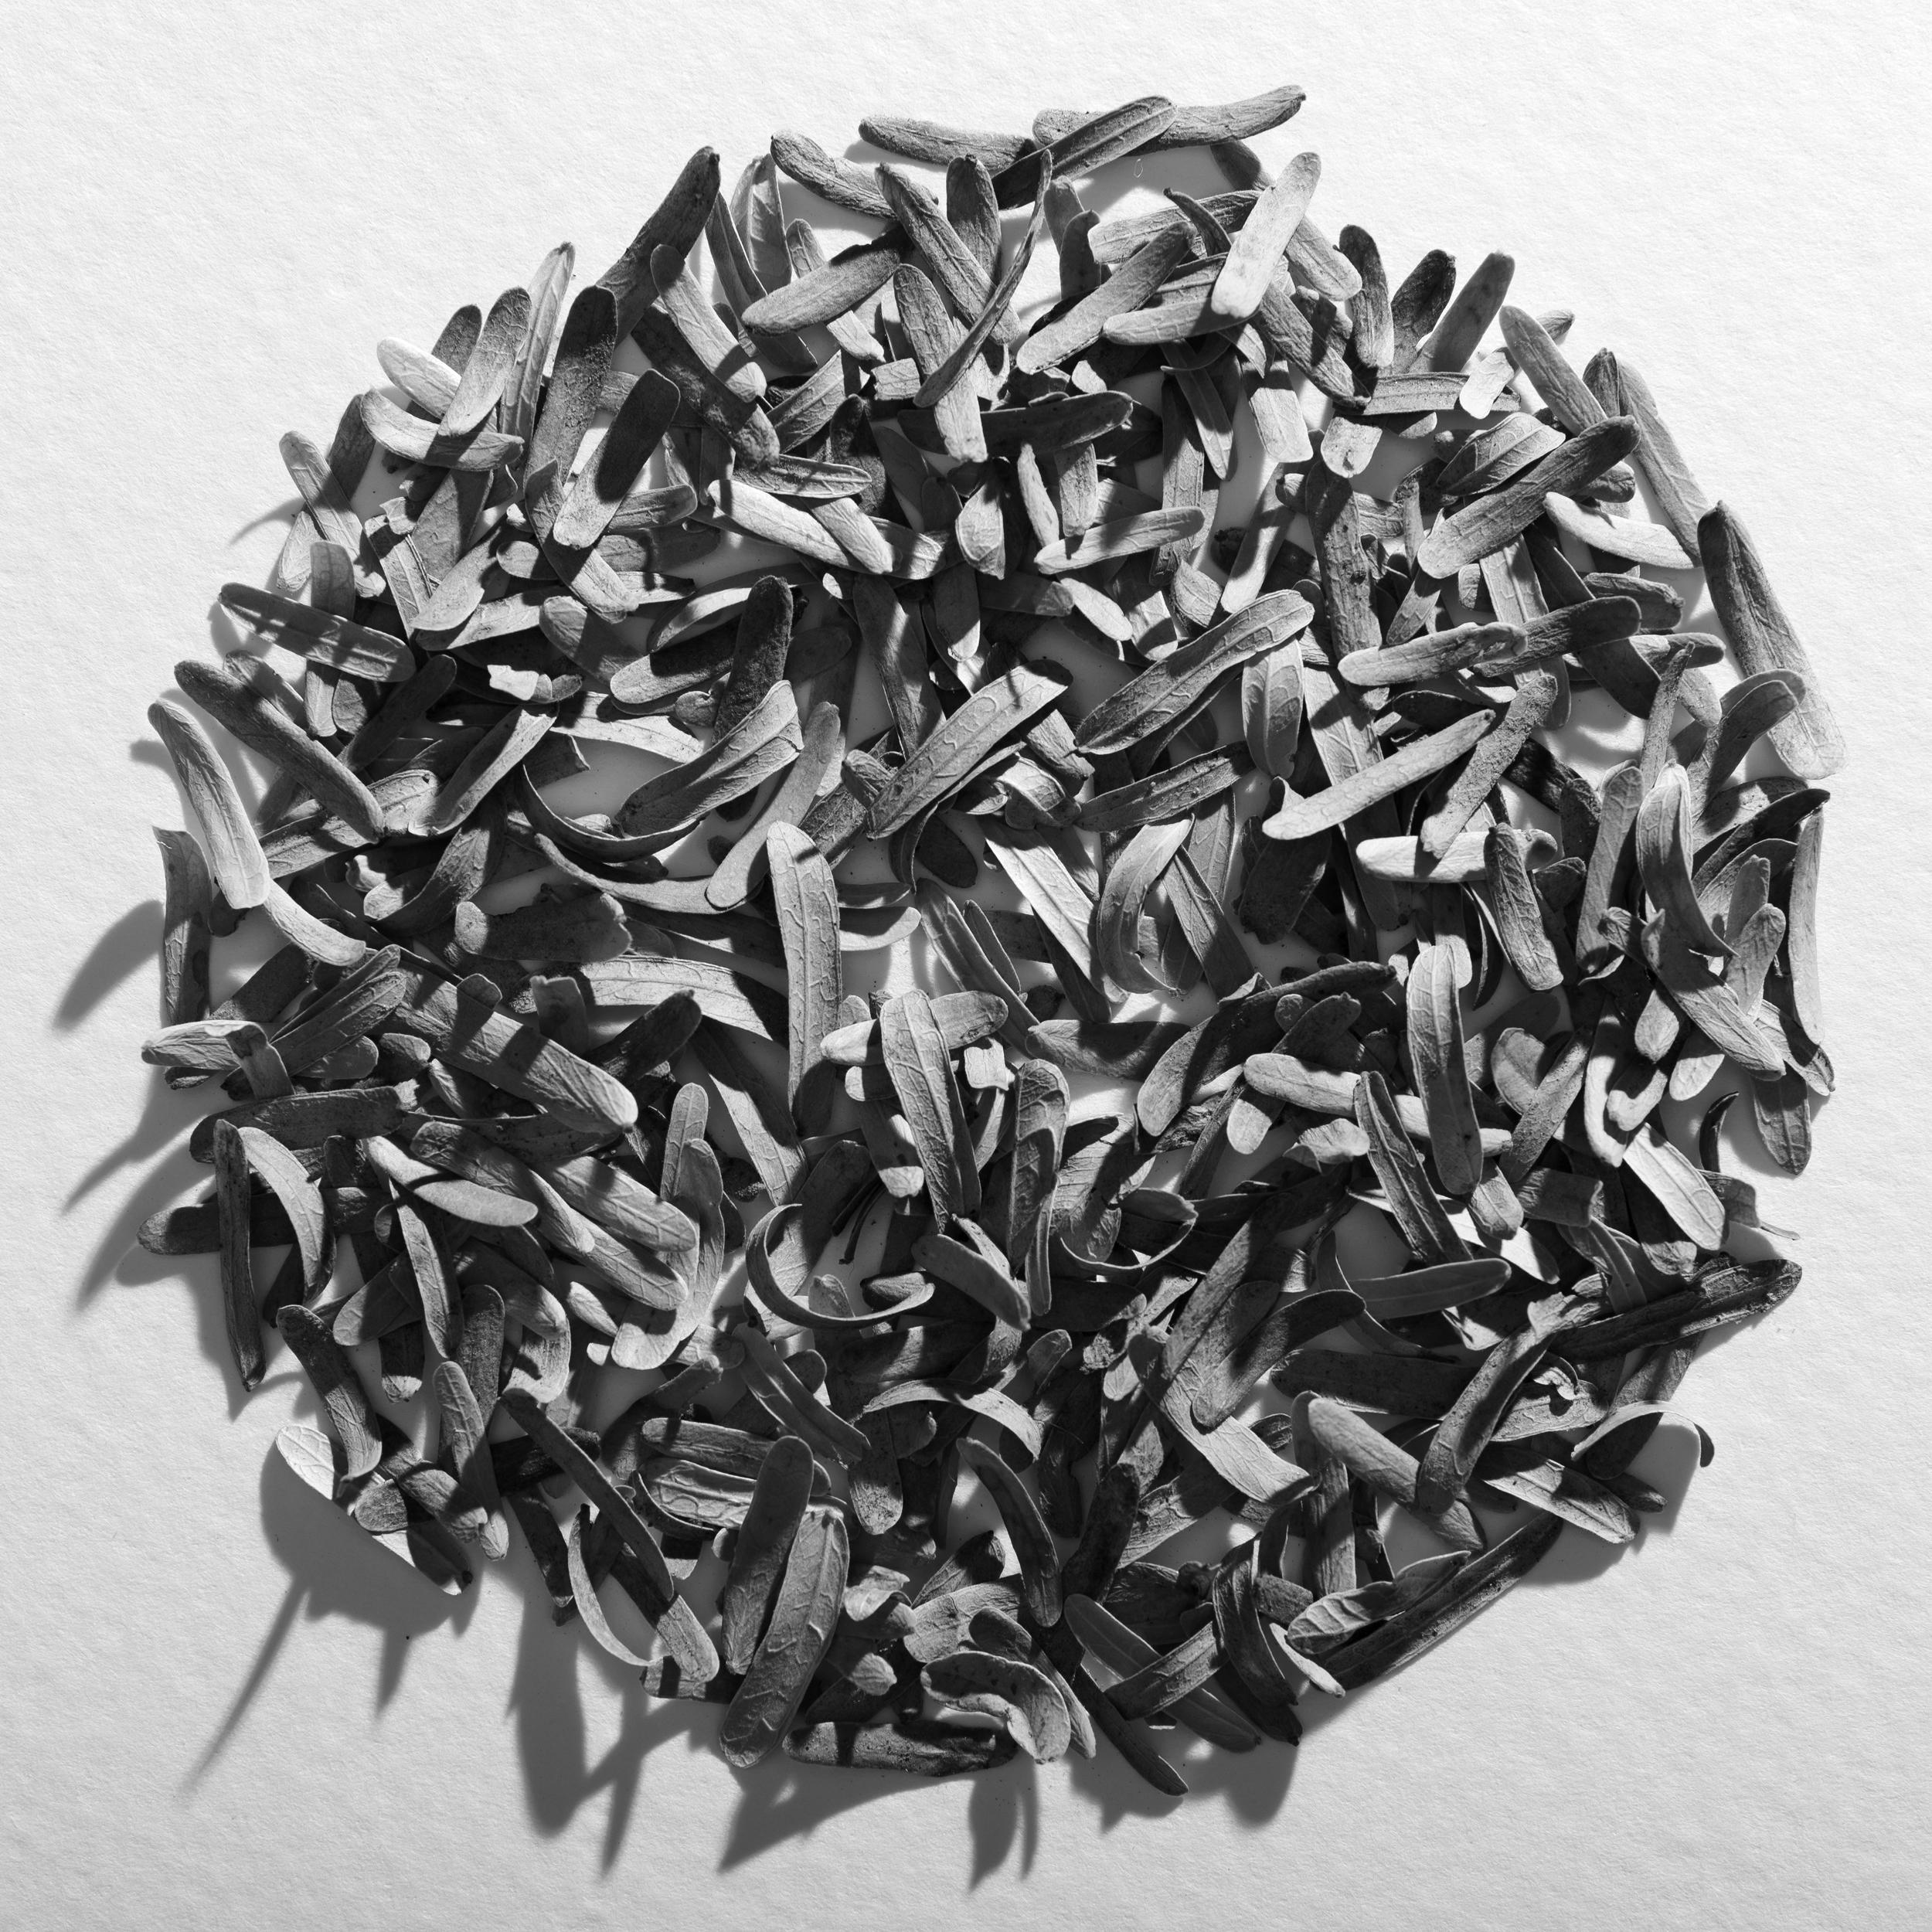 Mesquite petals, circle, 2016